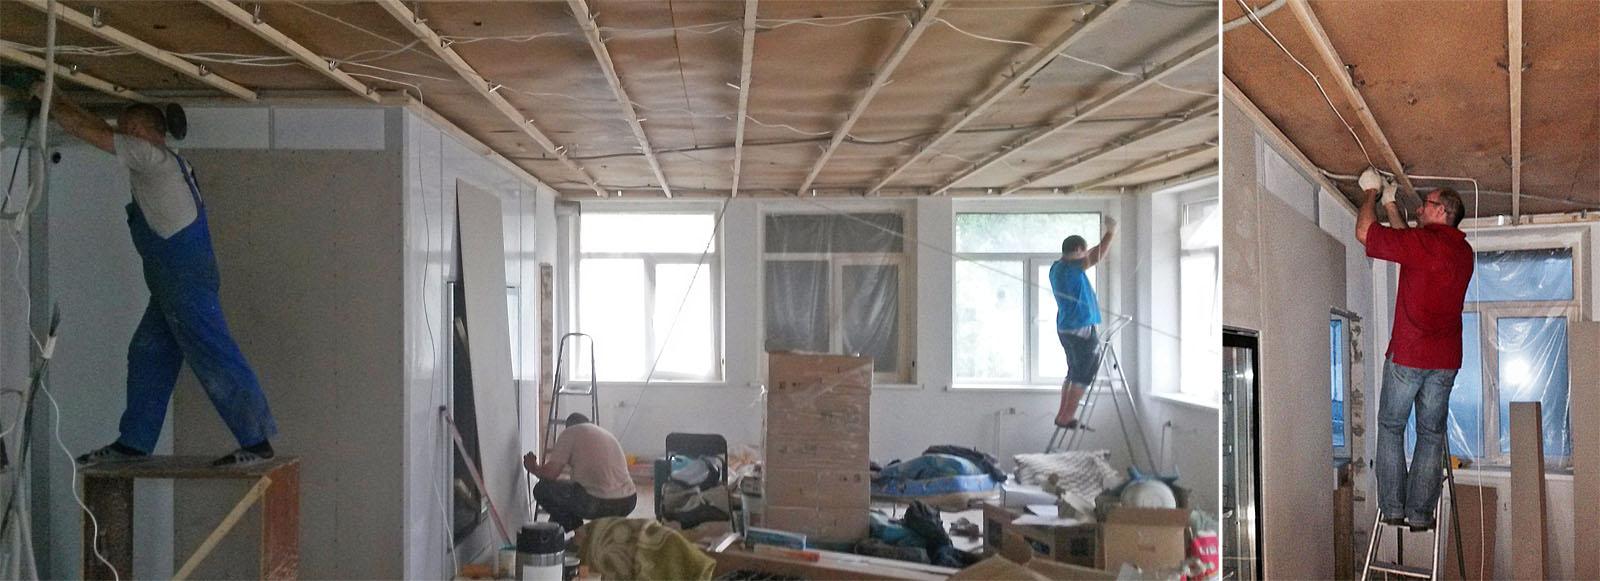 По всему потолку протянулись провода видеонаблюдения и акустики